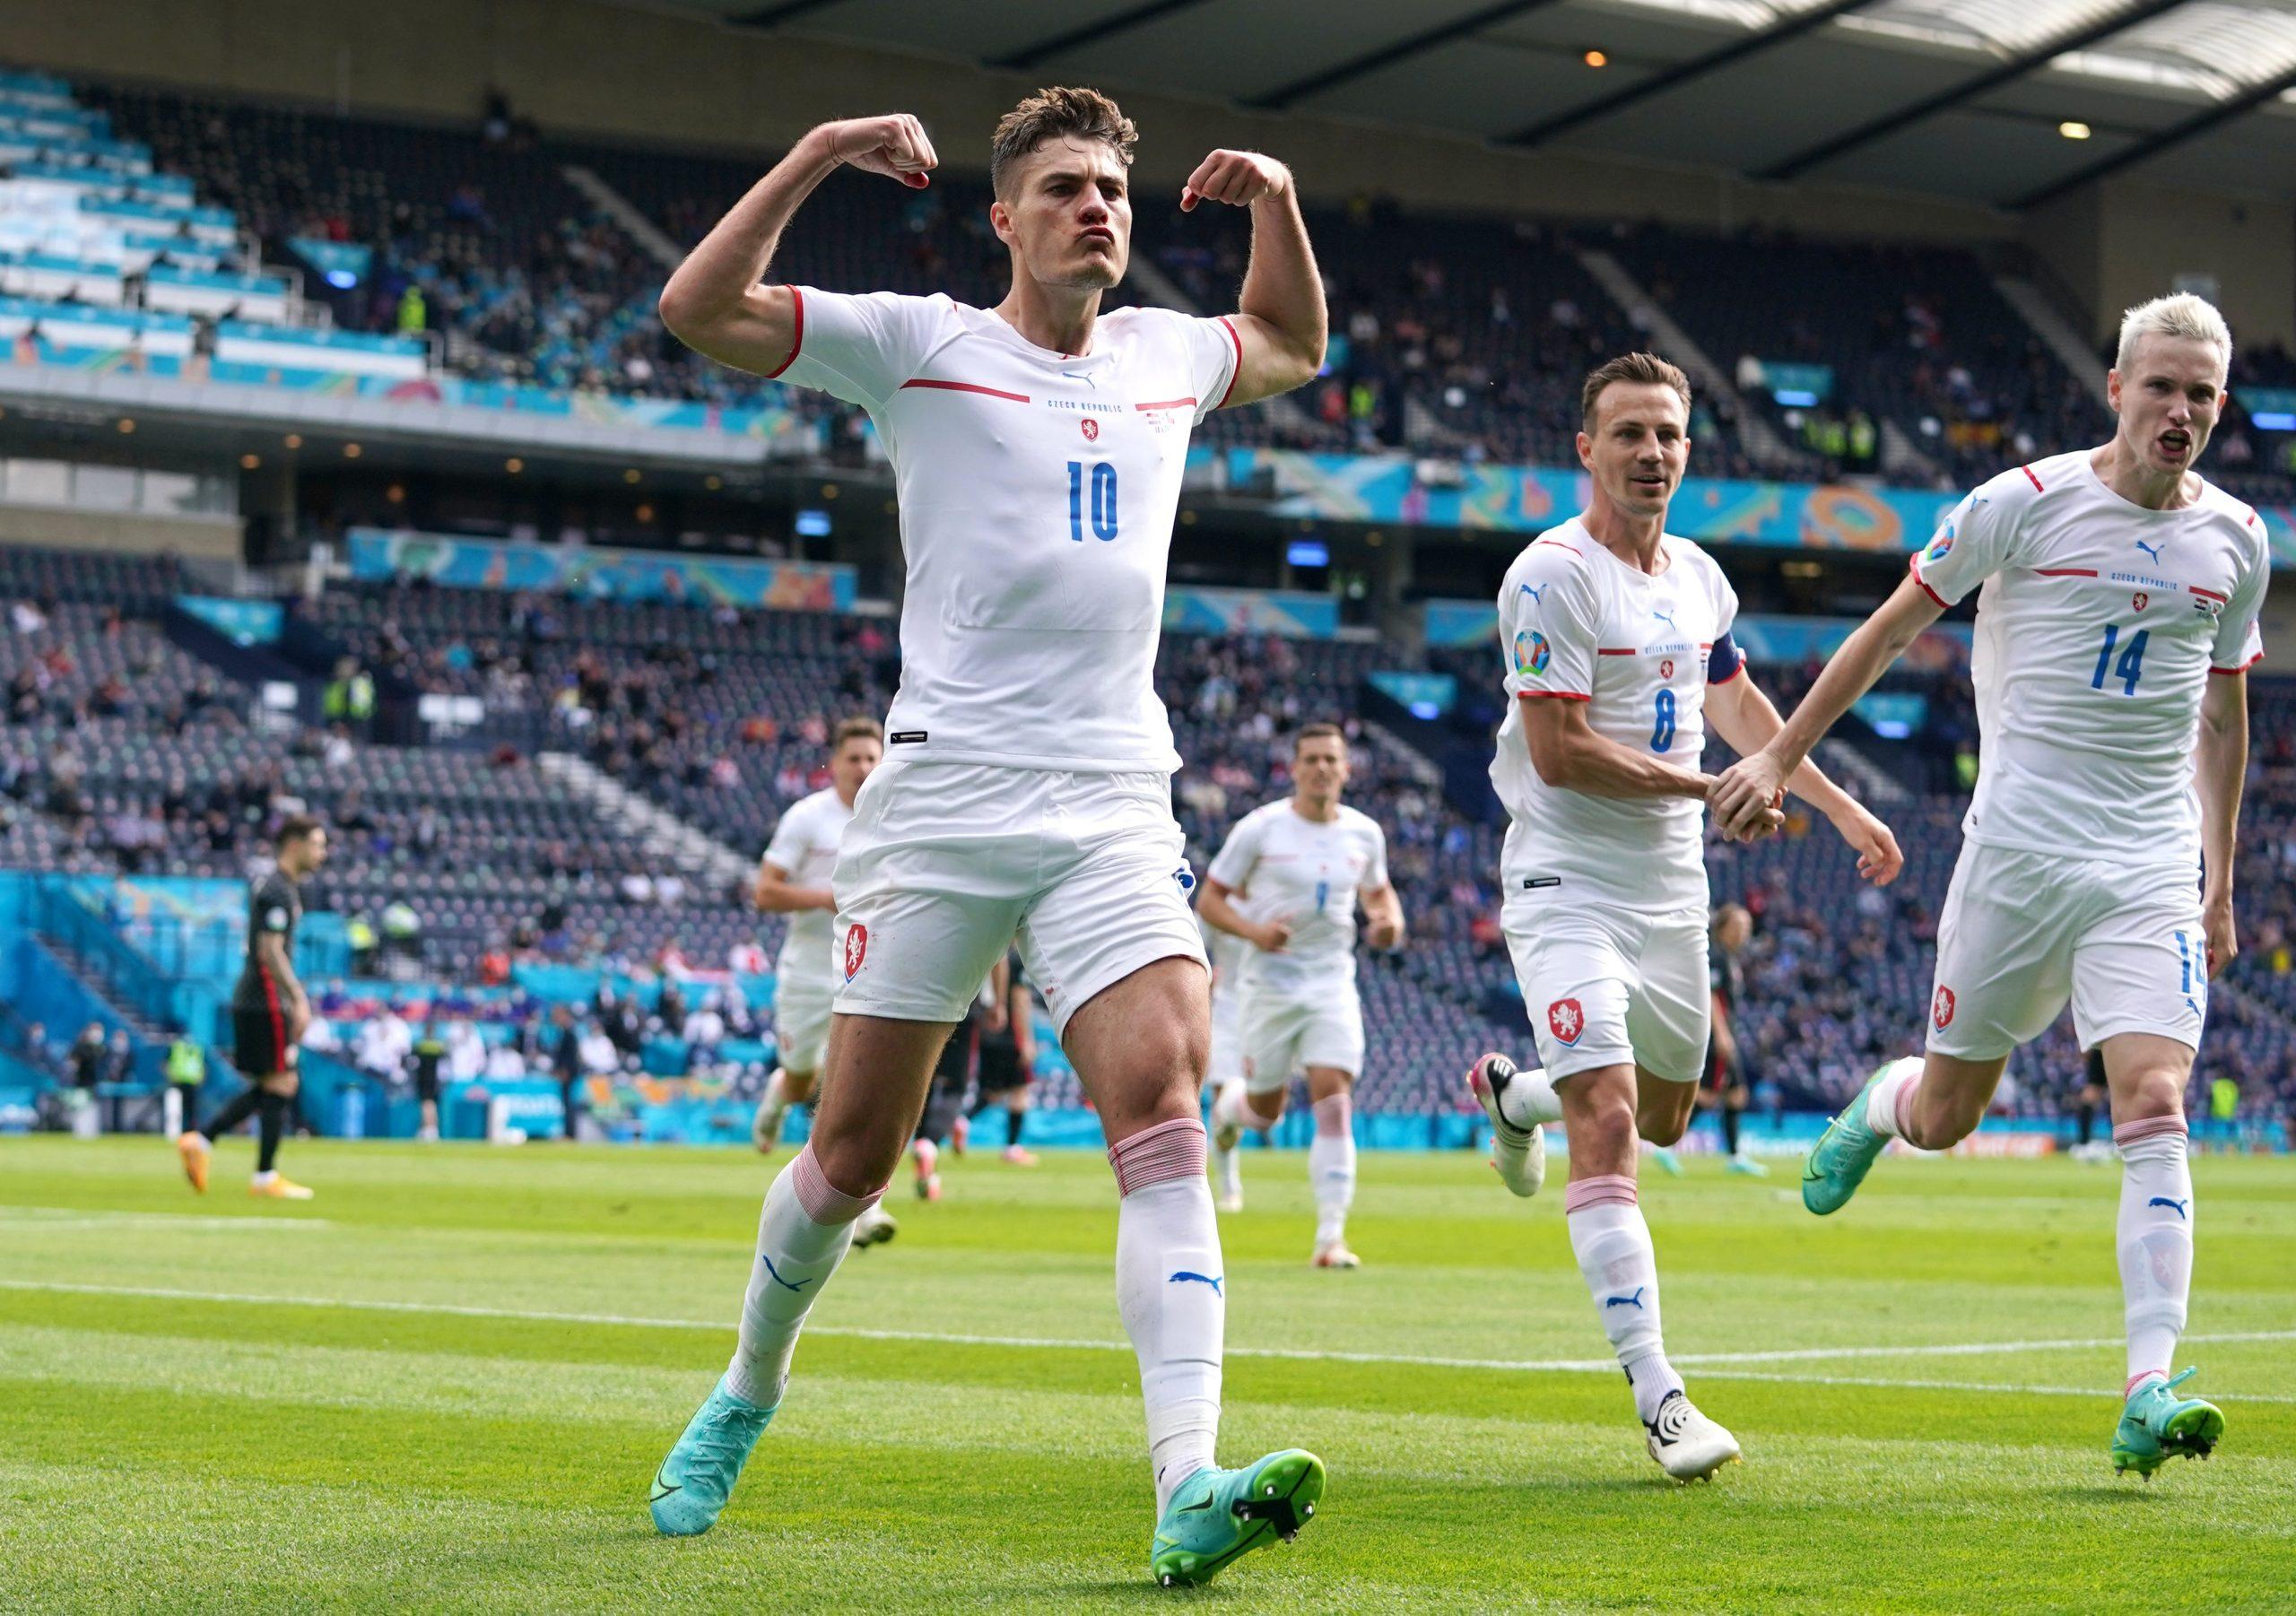 Siêu phẩm sút xa của Patrick Schick được ghi nhận ở phút thứ 52 khi Cộng hoà Séc gặp Scotland